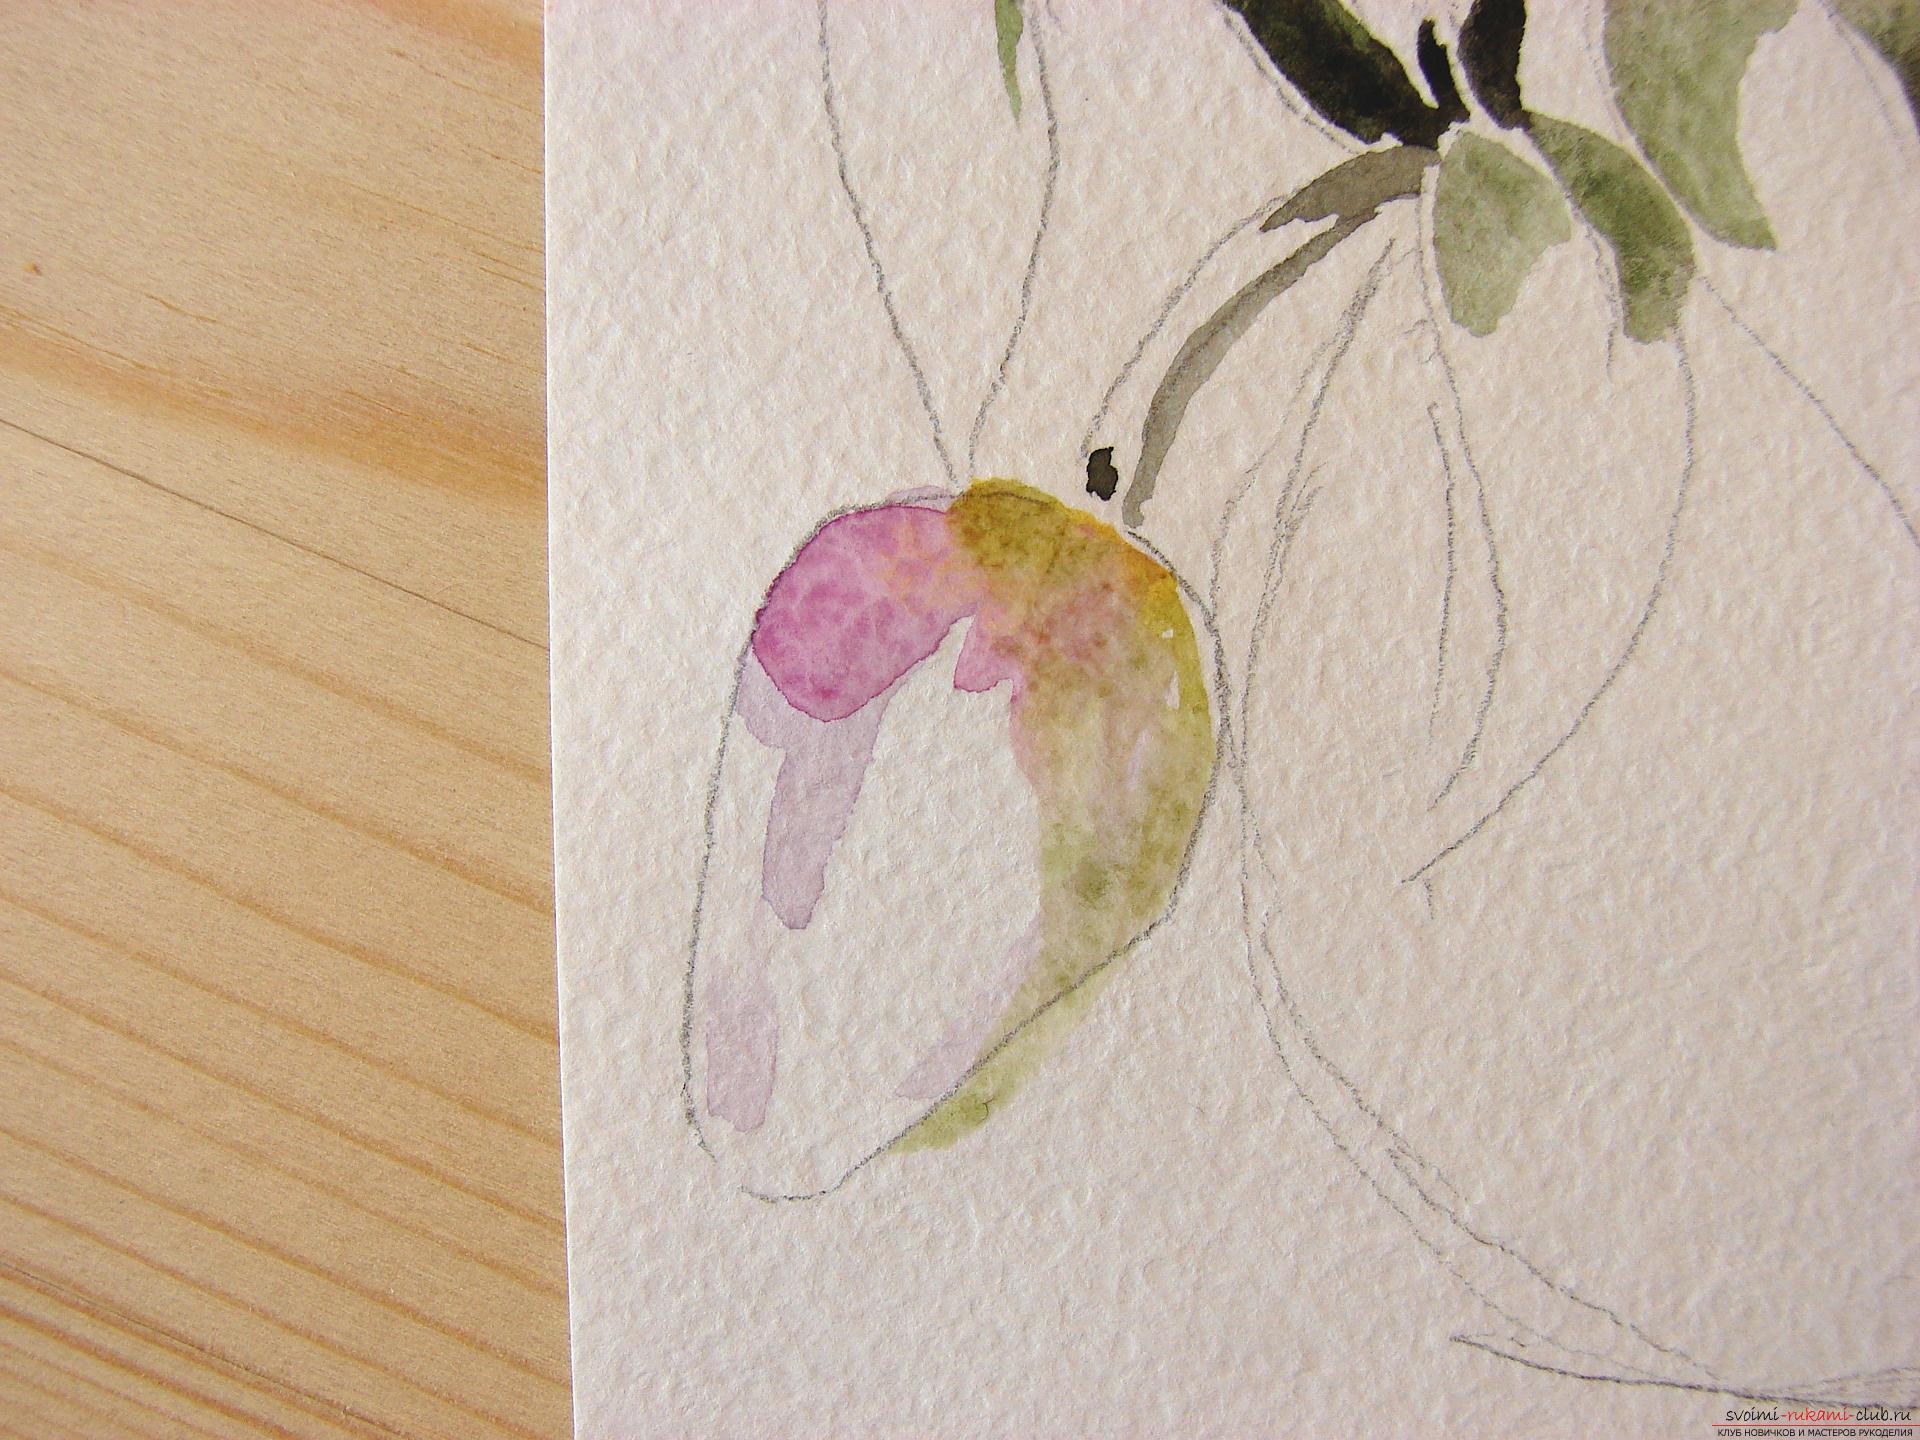 Мастер-класс по рисованию с фото научит как нарисовать цветы, подробно описав как рисуются тюльпаны поэтапно.. Фото №8